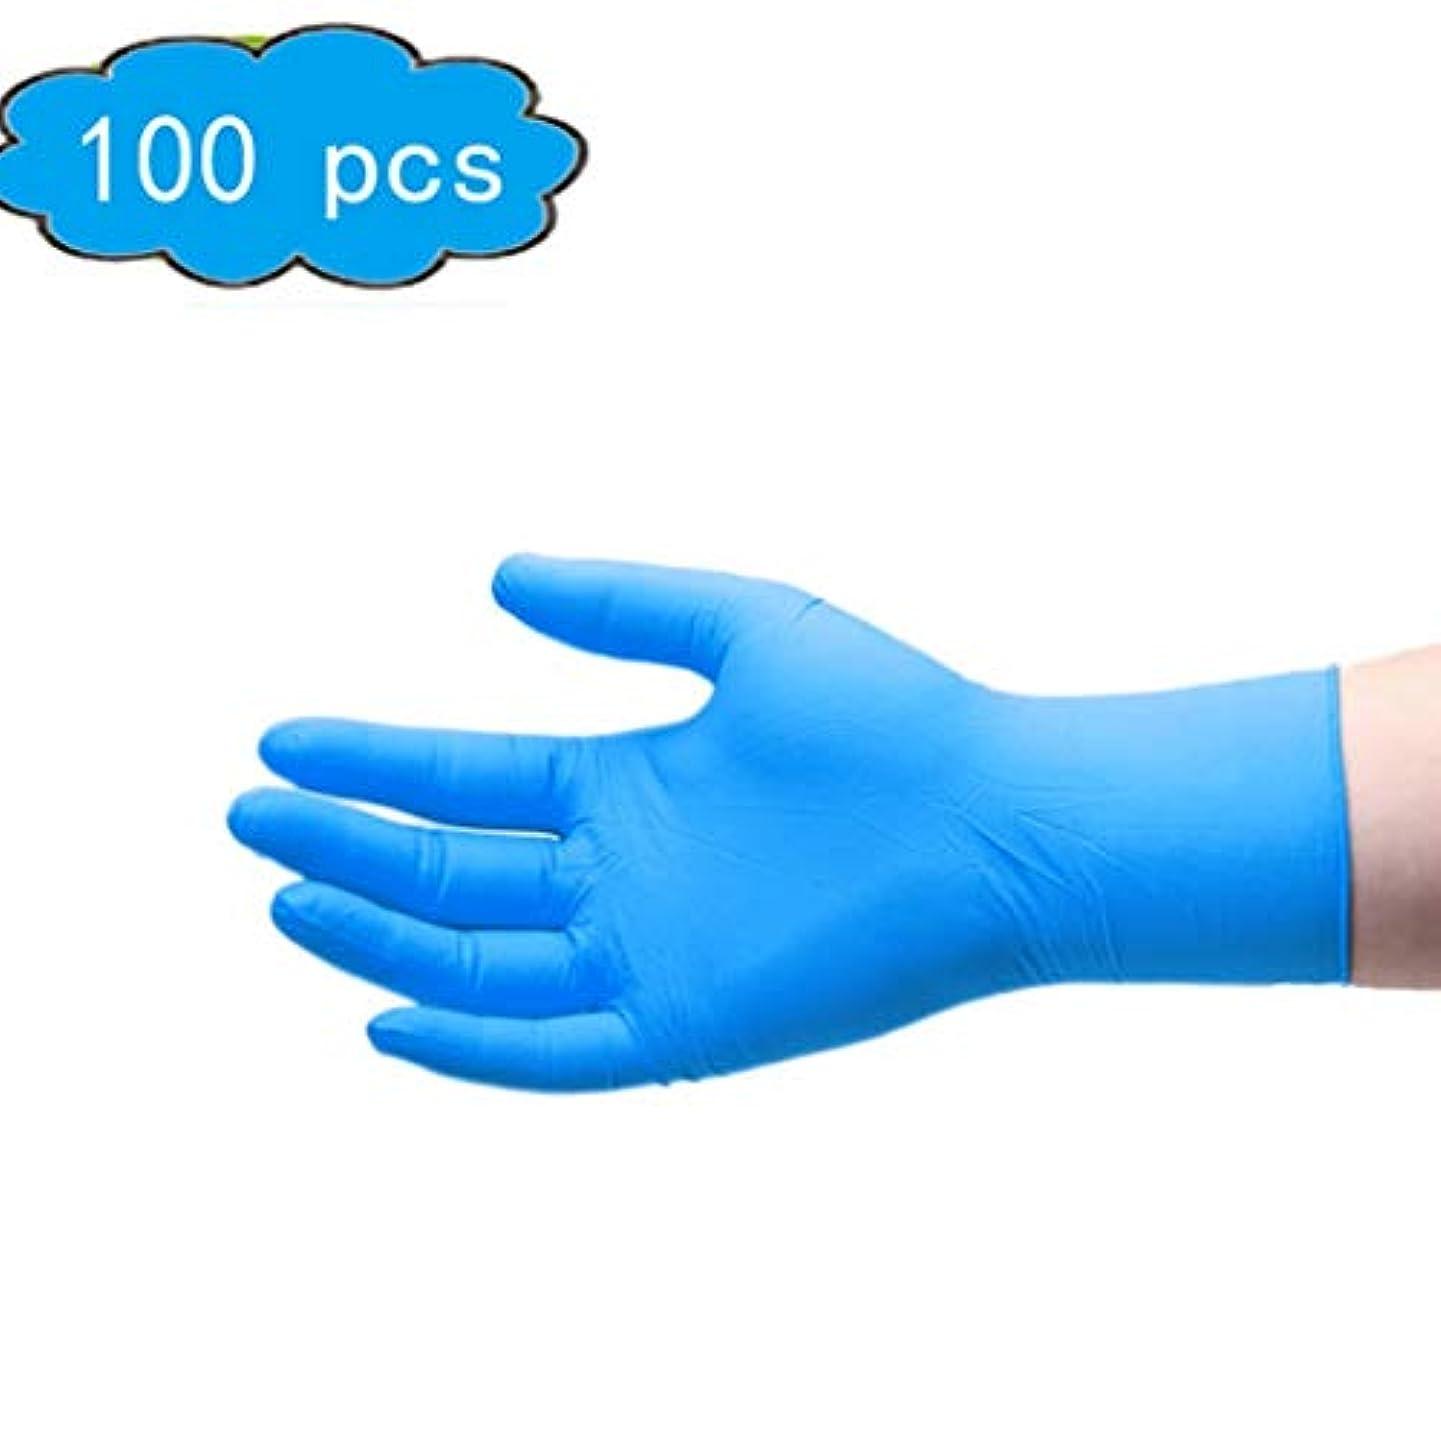 潜在的な風景ガジュマル使い捨てニトリル試験手袋、5 Mil、医療グレード、ラテックスフリー、パウダーフリー、食品安全(100個入り)、ラボ、安全&作業用手袋、家庭用品 (Color : Blue, Size : XS)